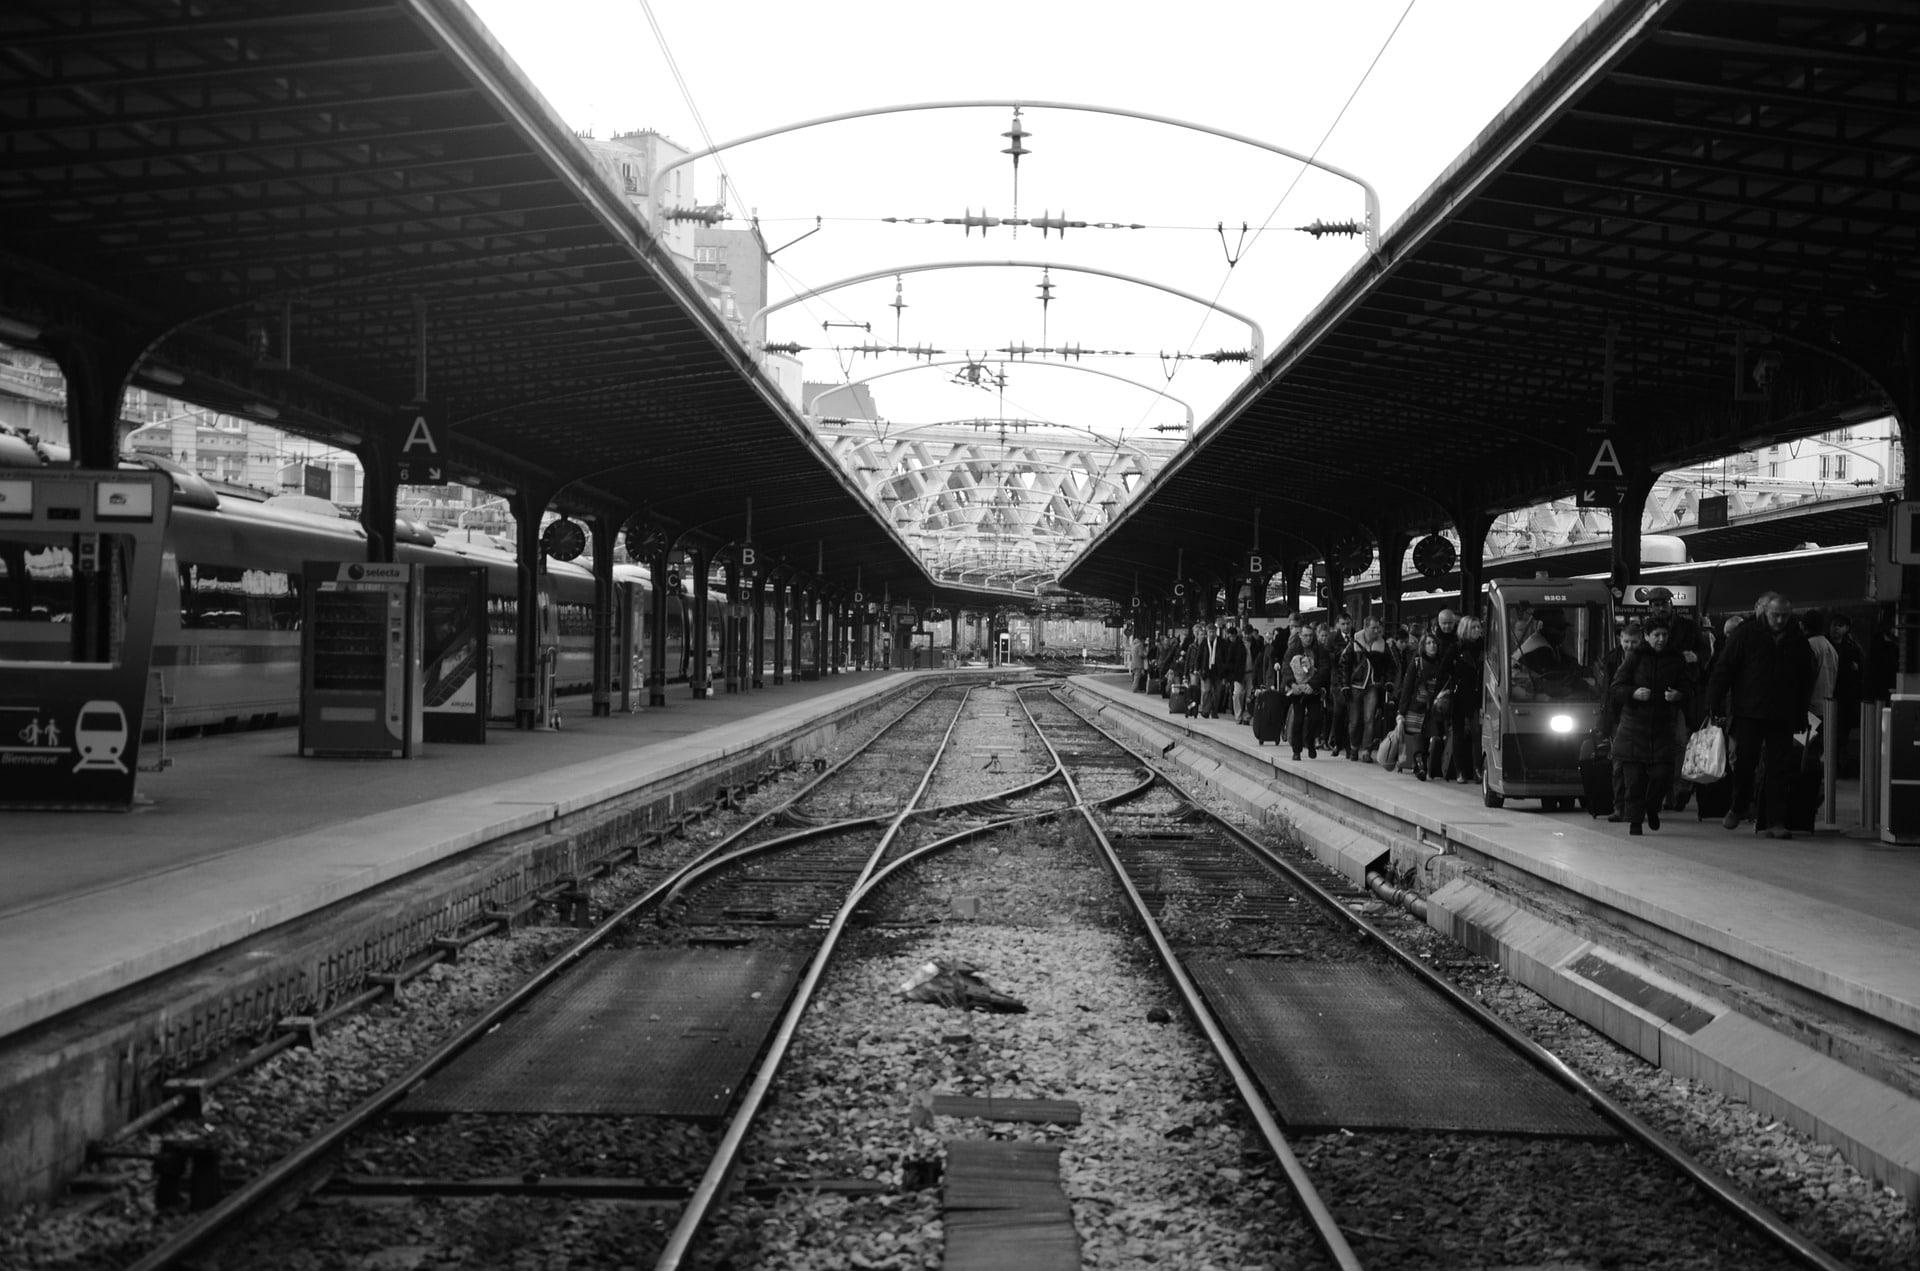 gare-de-lest-78572_1920